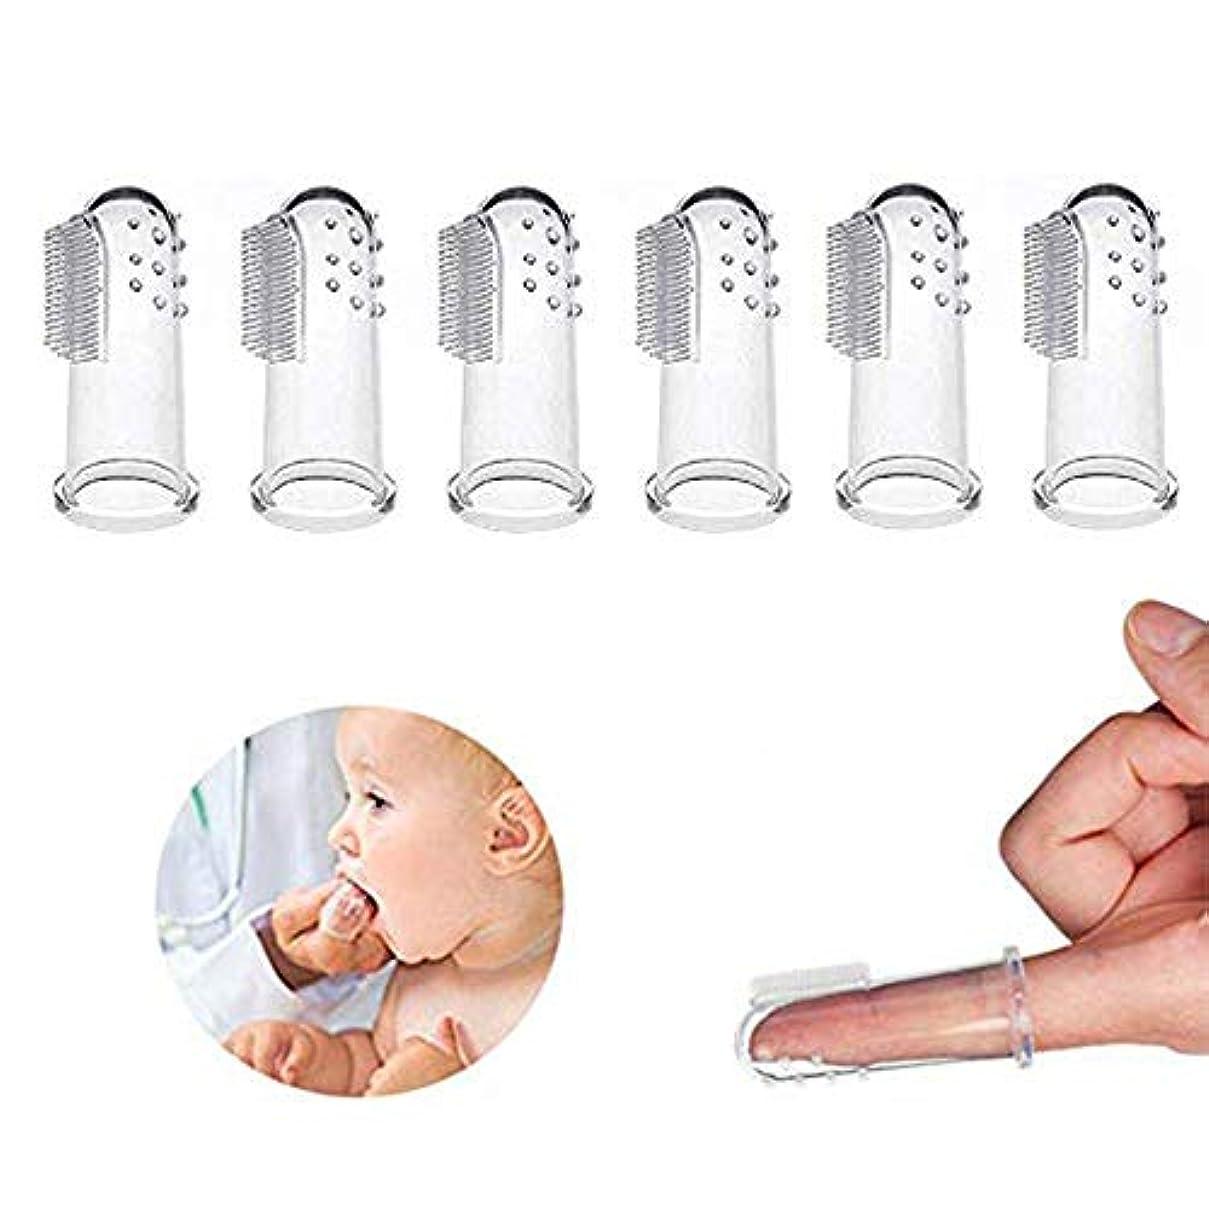 コミュニティサバント養う幼児歯ブラシ ベビー指歯ブラシ 指歯ブラシ 乳歯清潔 口腔ケア ケース付き ベビーフィンガーブラ 乳児幼児子供用シリコーンソフトオーラルマッサージャージェントルケア 6本セット (ホワイト)